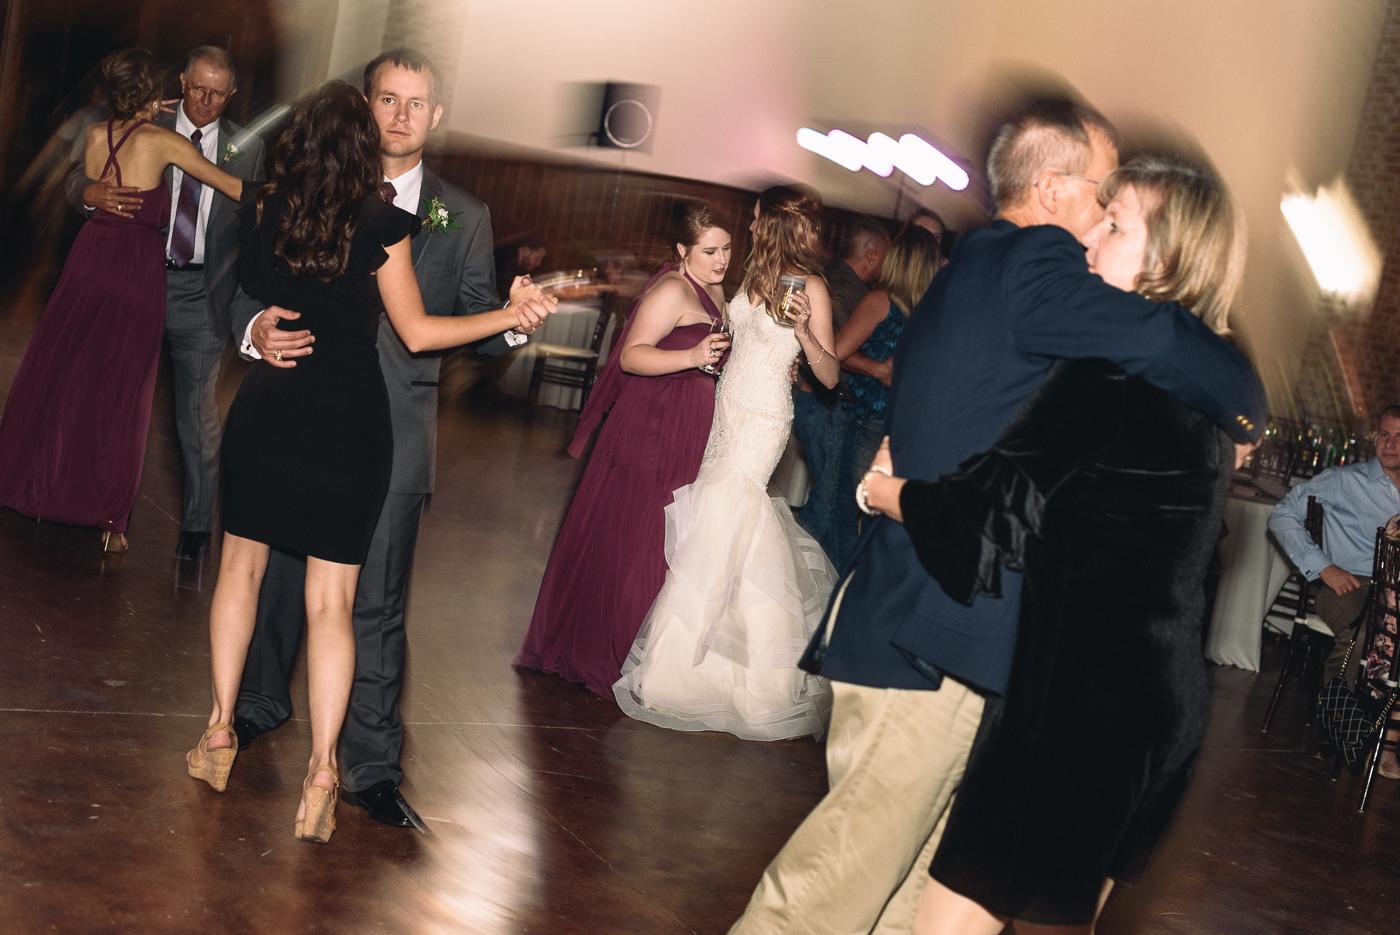 wedding reception dancing bride and bridesmaid